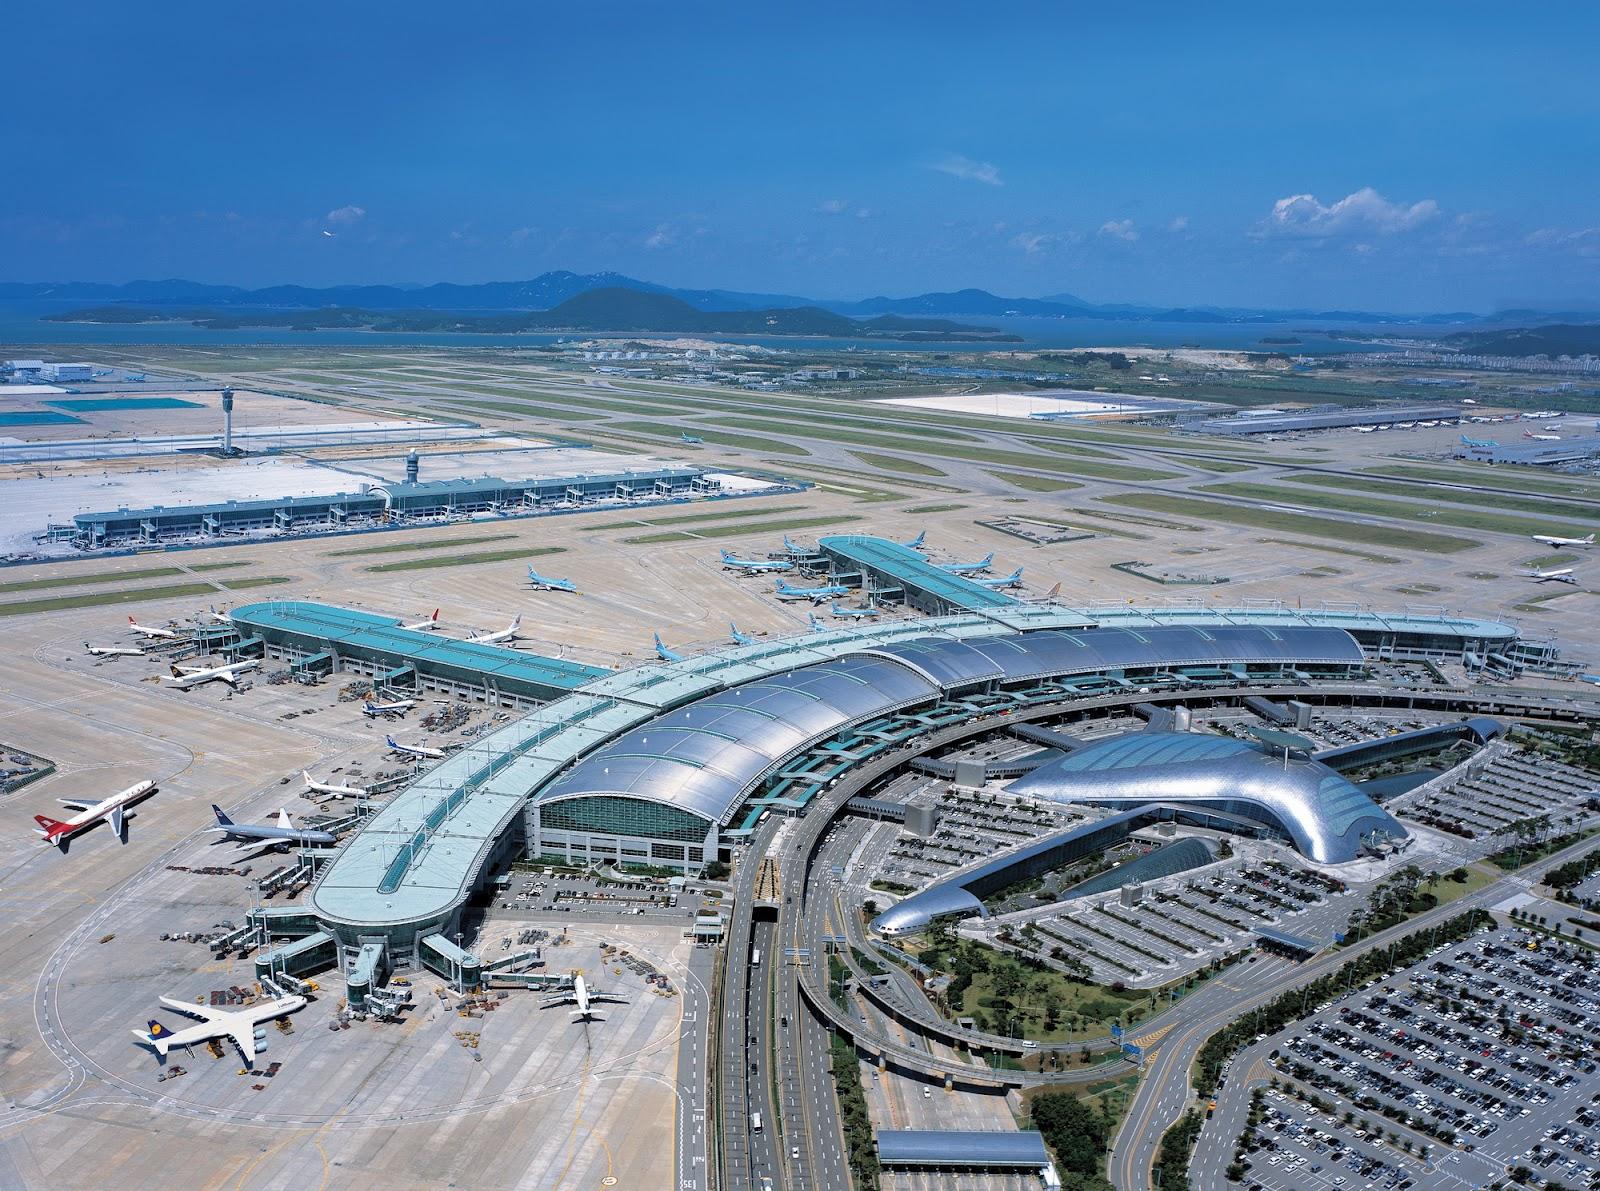 Aeroporto Do : Terminal do aeroporto do galeão no rio de janeiro